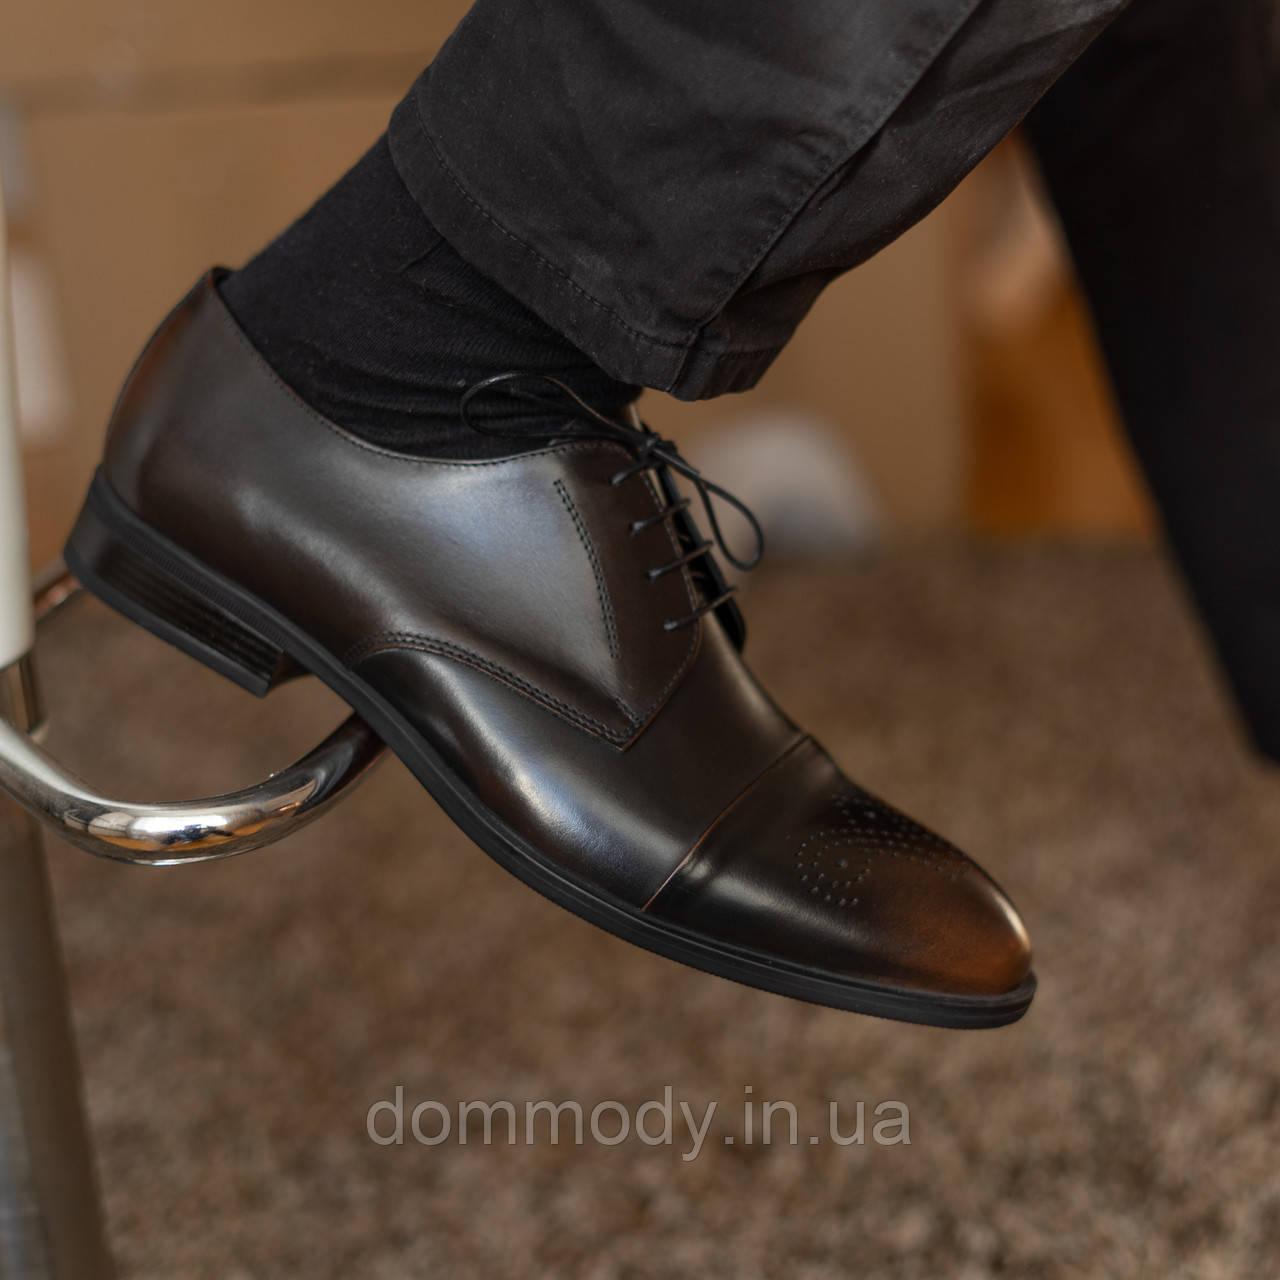 Туфлдербі чоловічі кольору коричневий кабір